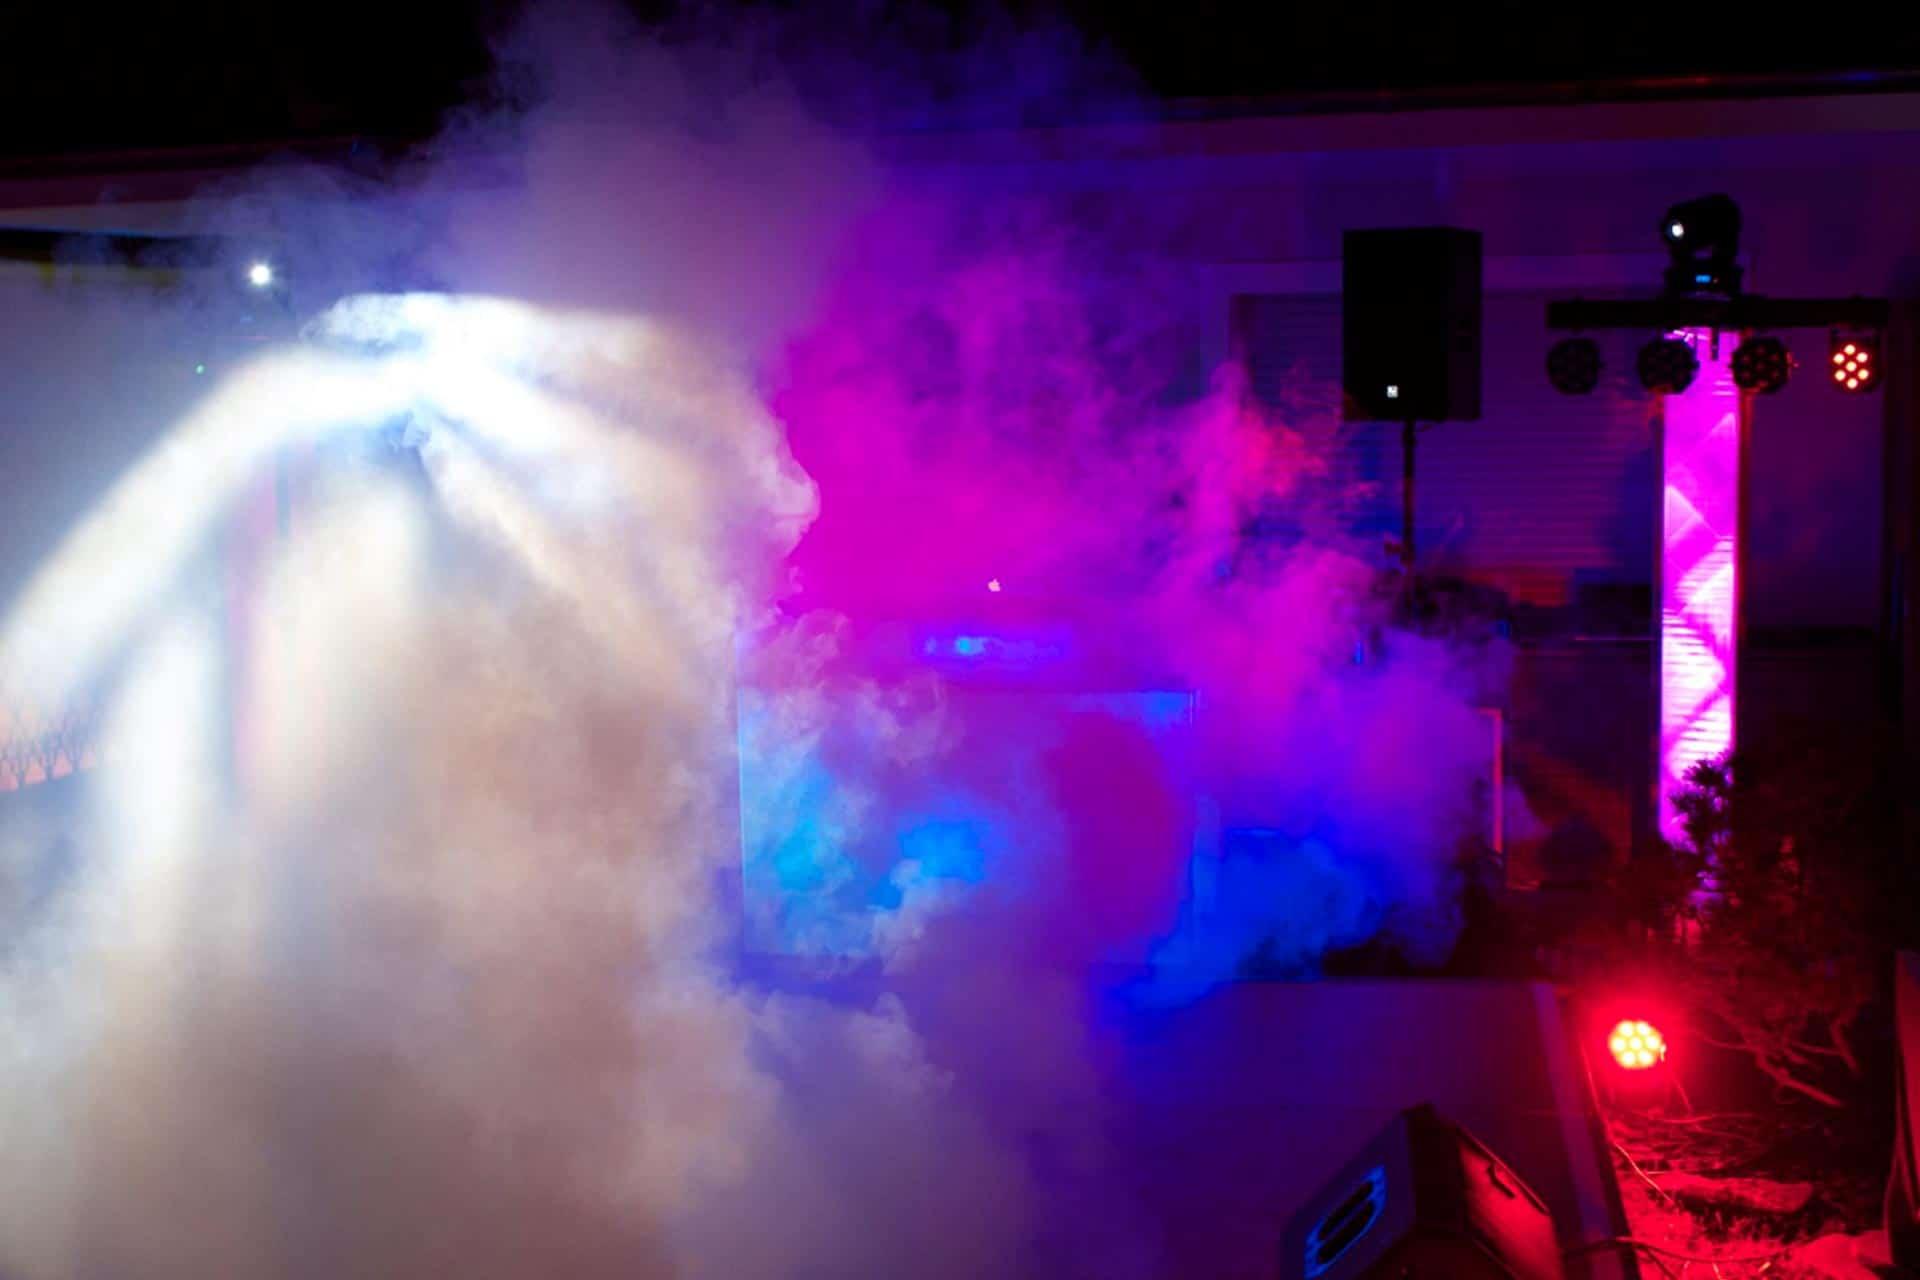 Nebelmaschine 1